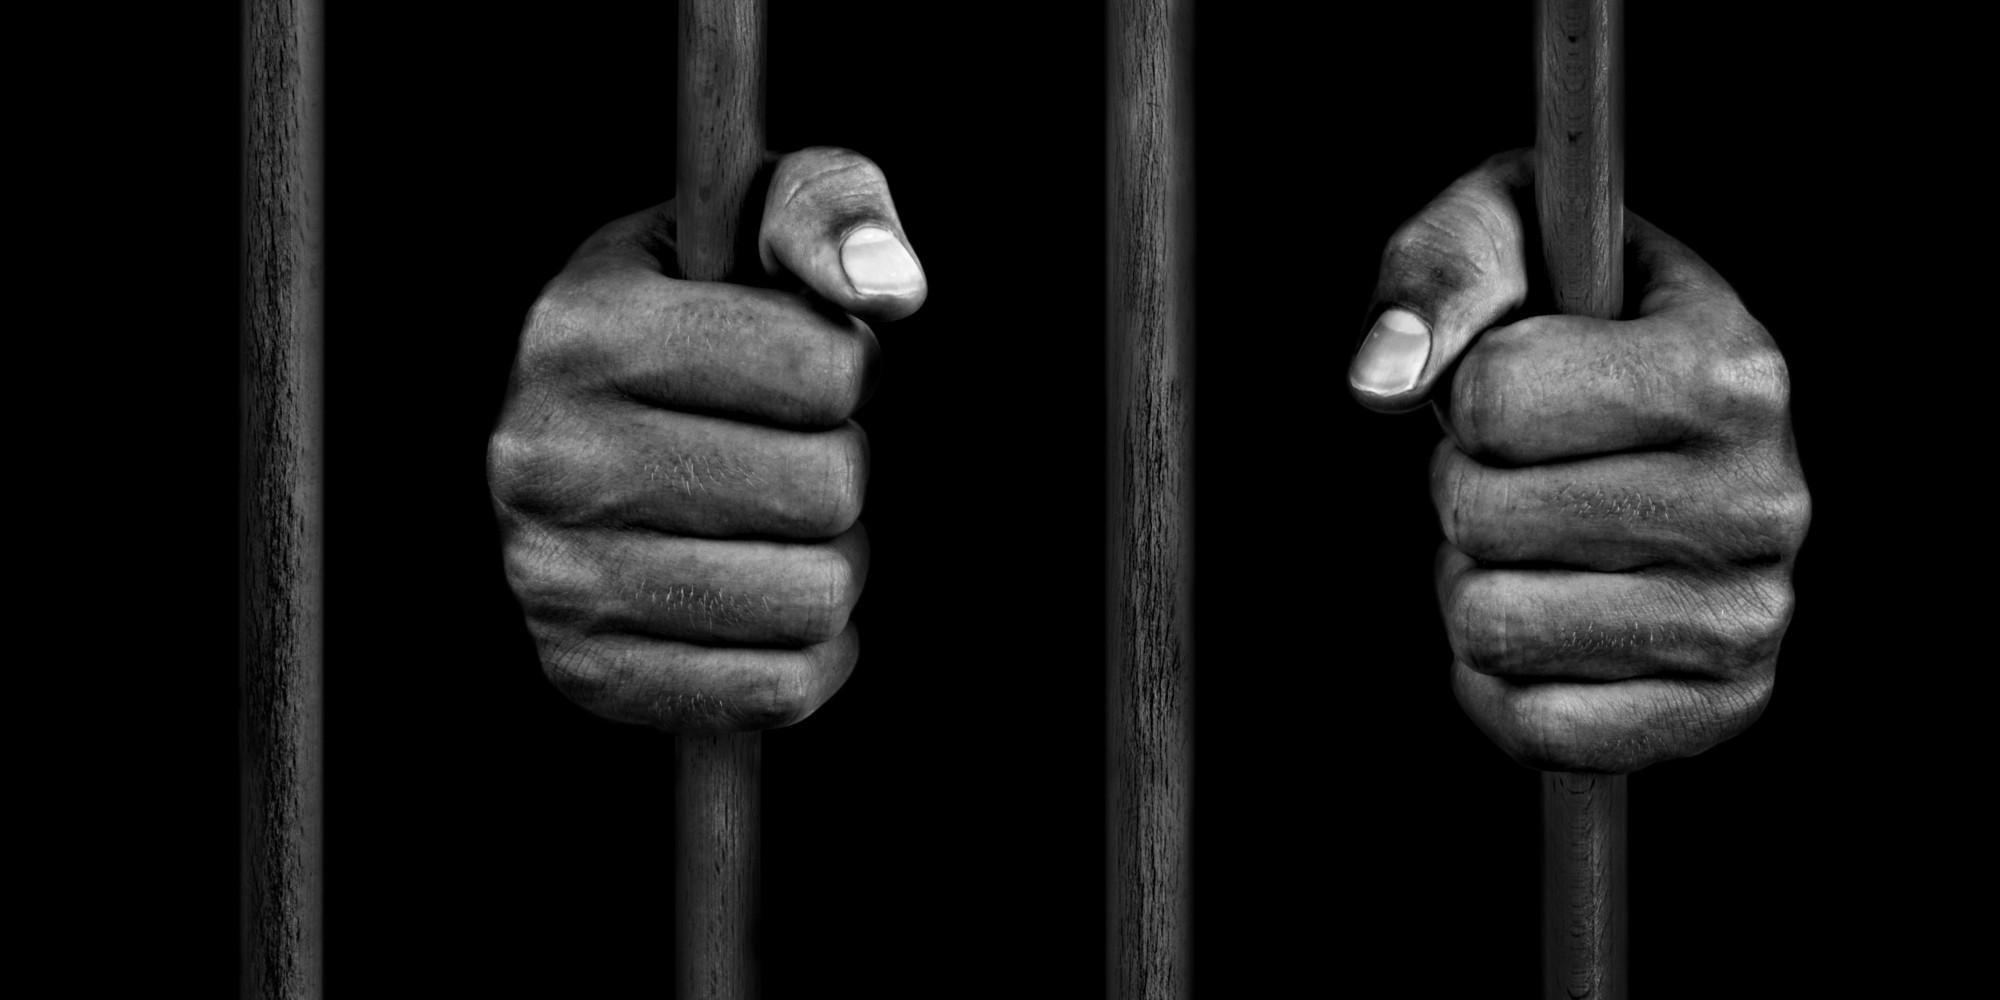 Injures publiques, menaces de mort, voies de fait : Un entrepreneur envoie son cousin qui le menaçait avec un couteau, en prison